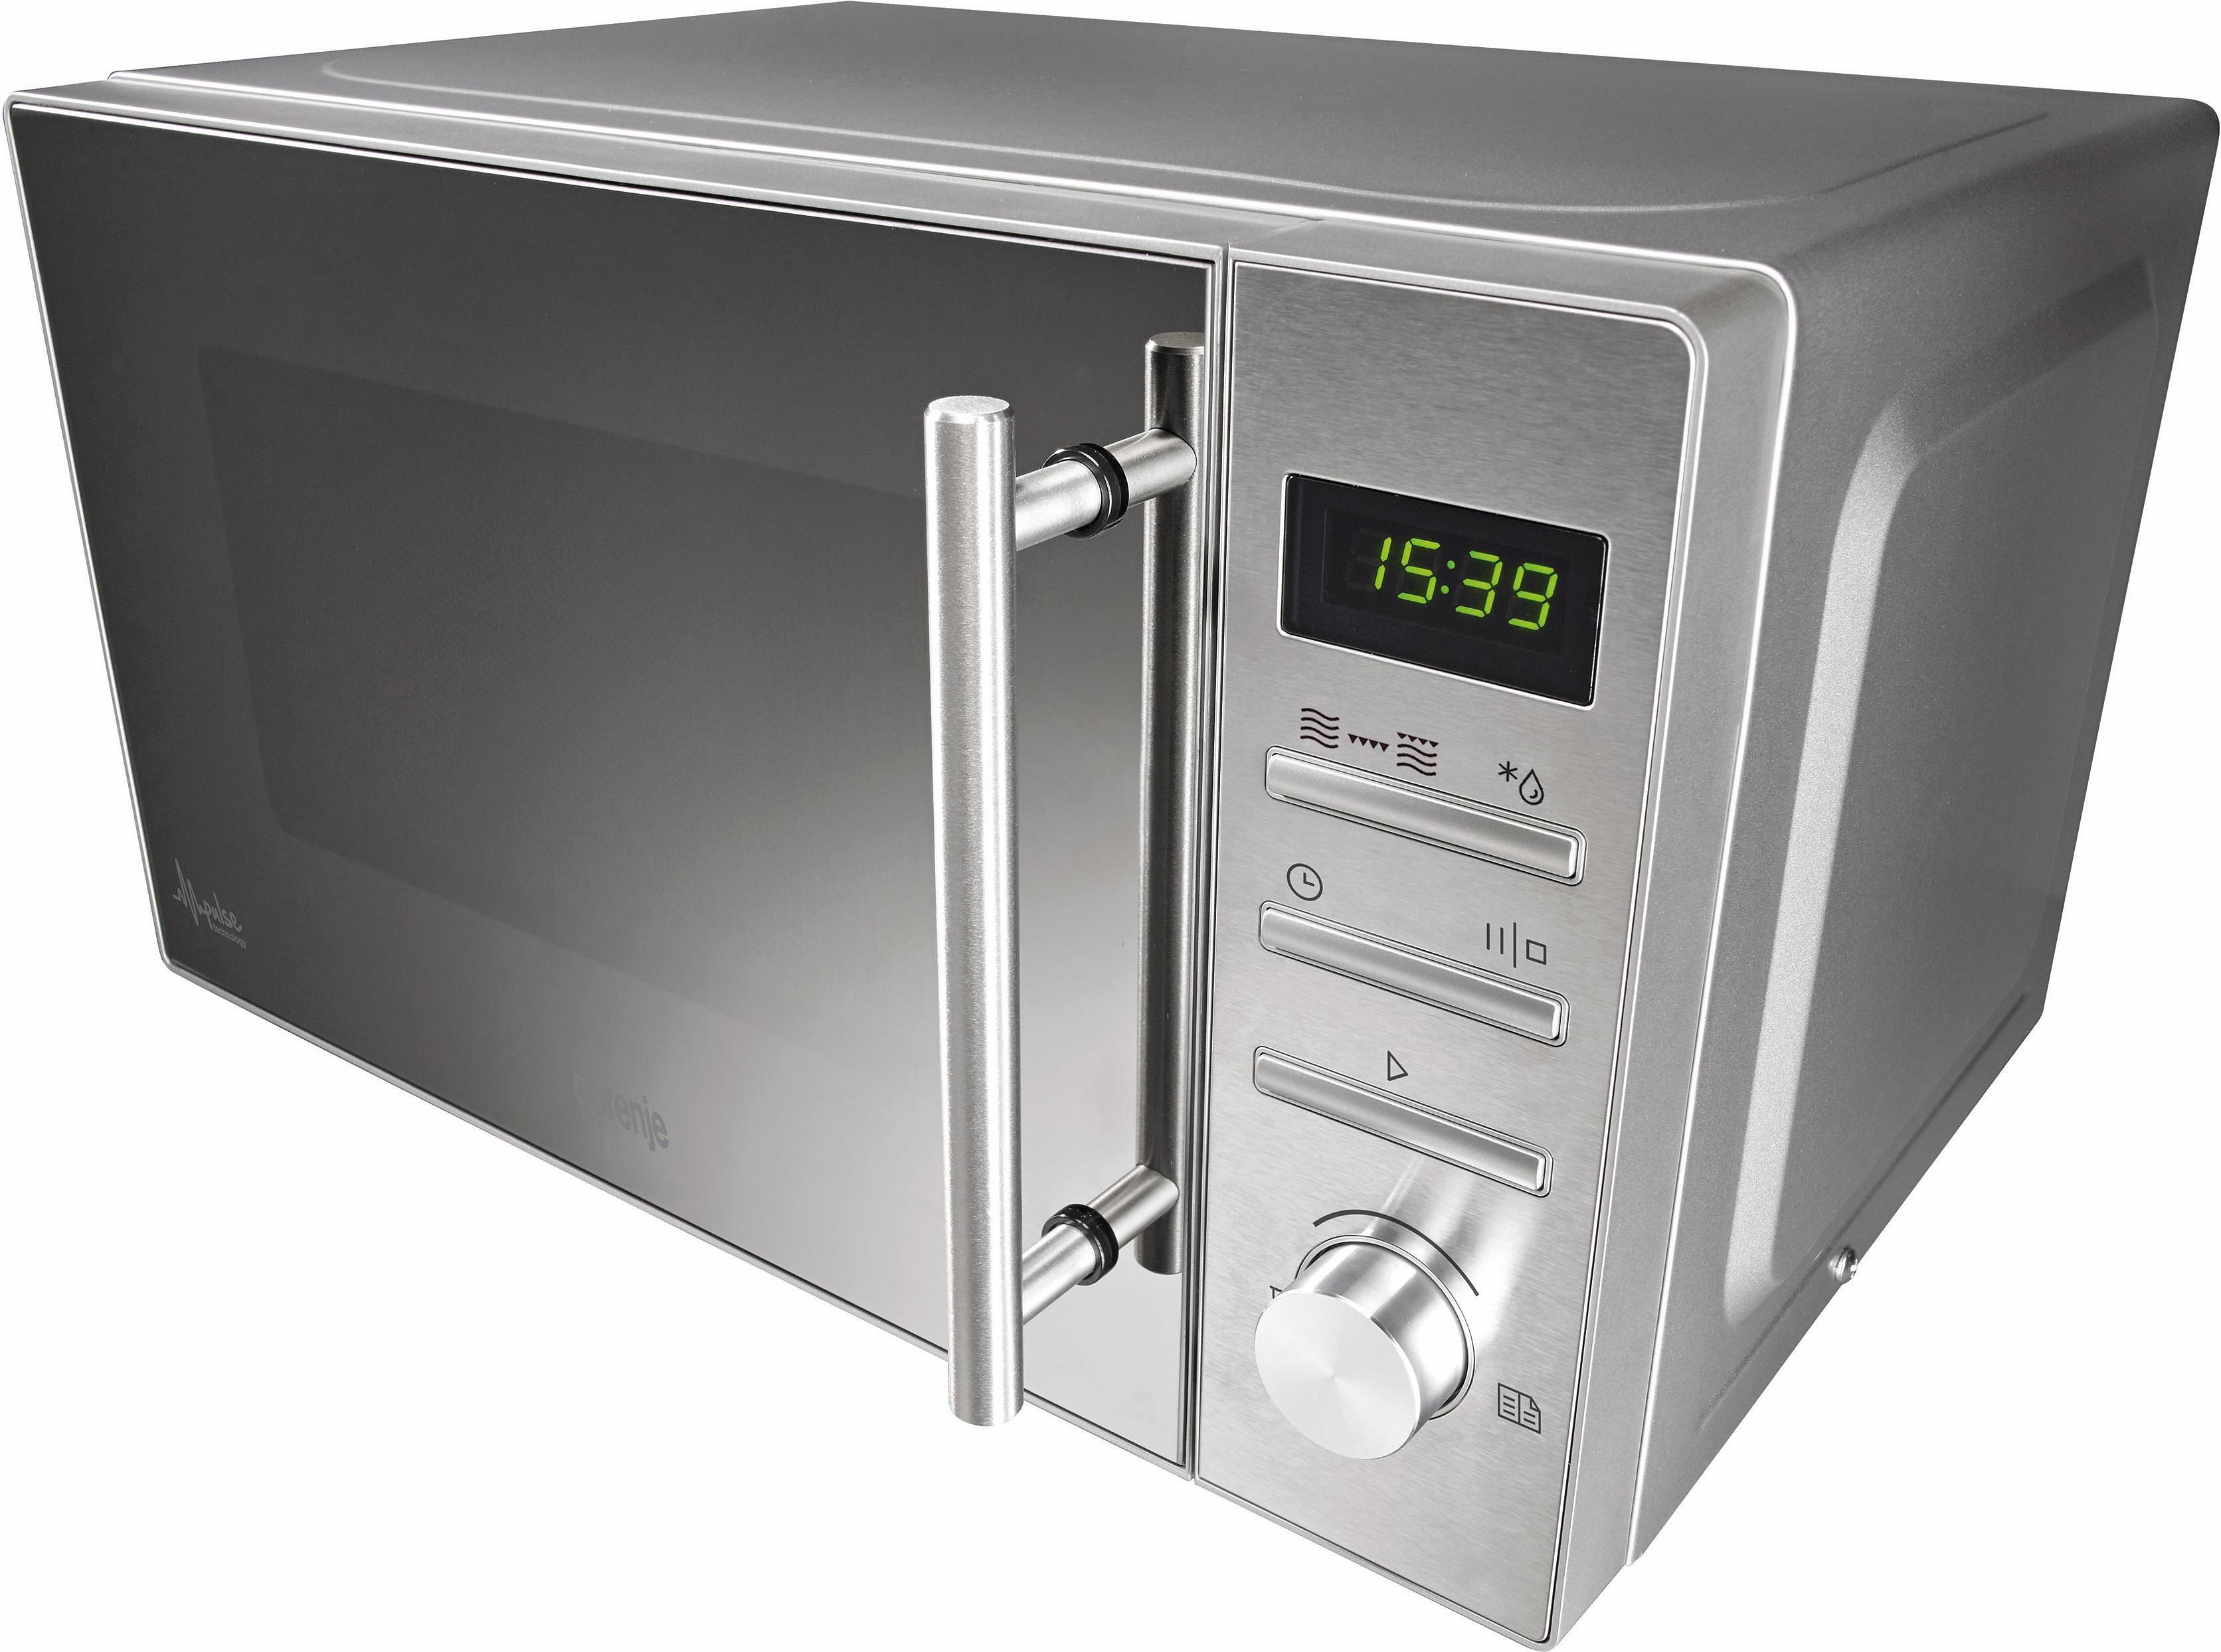 GORENJE Mikrowelle MMO20DGEII, 800 W, mit Grill